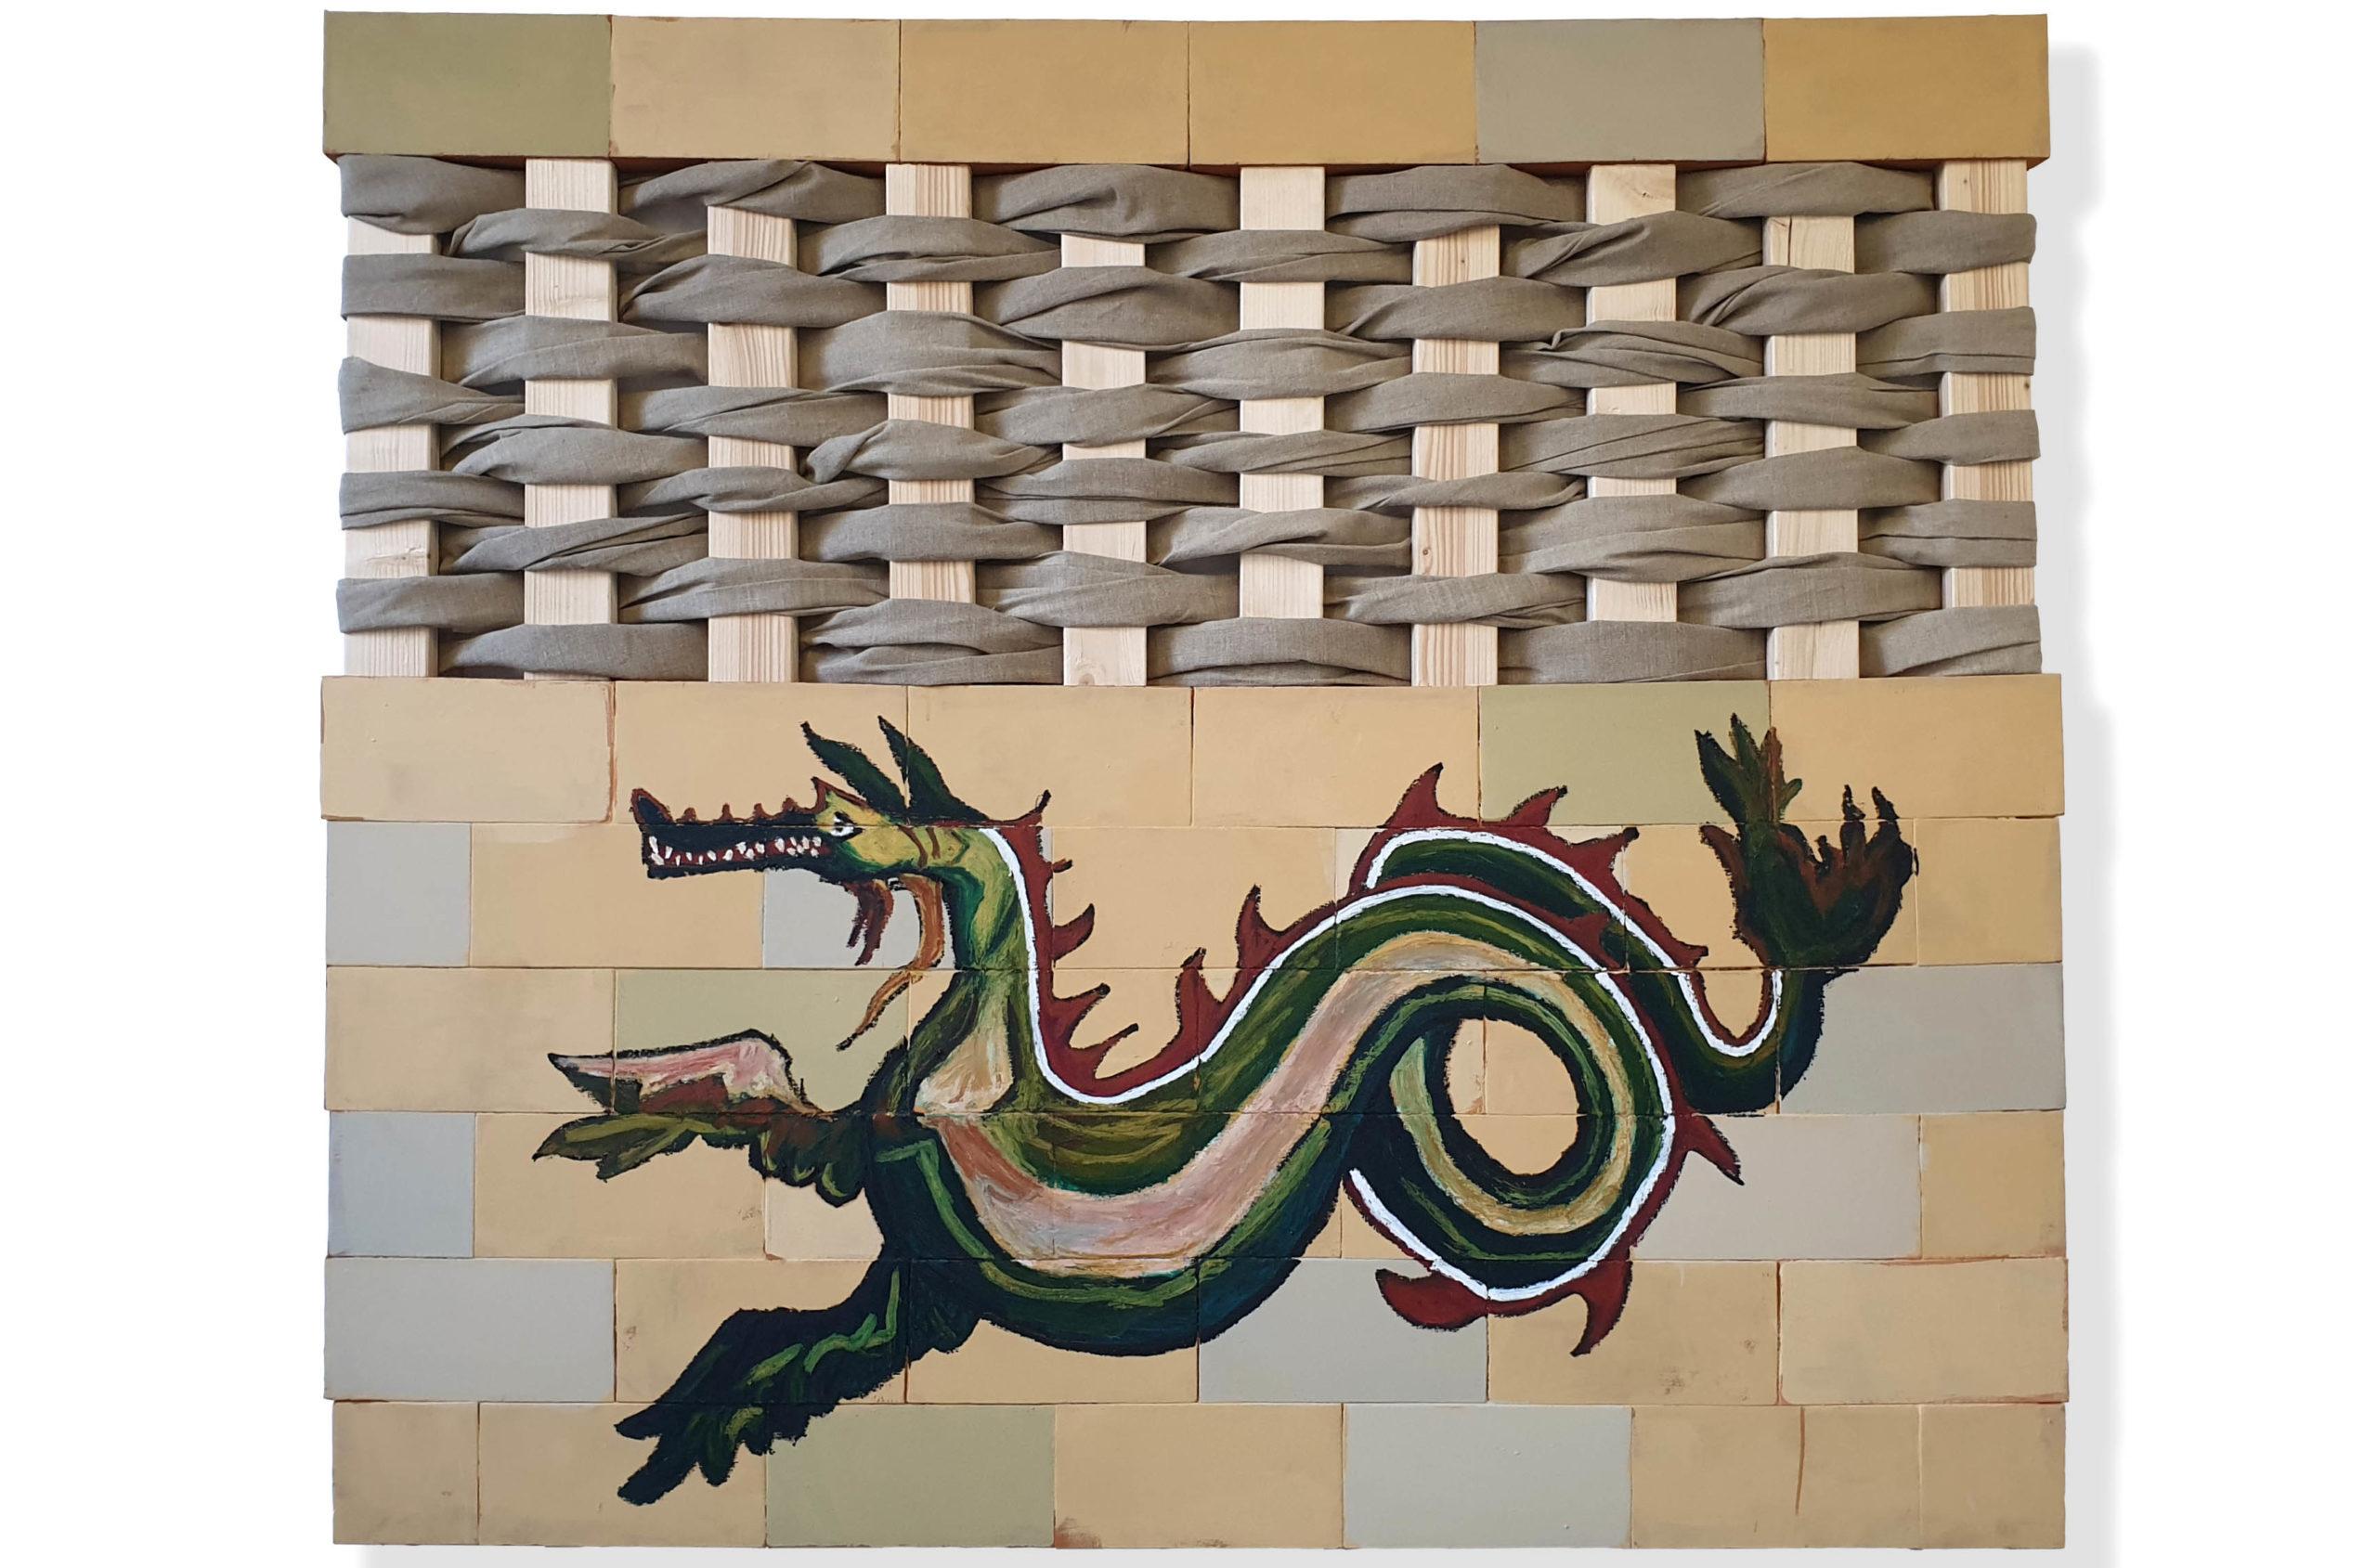 Kaulon, pigmento acrilico, oil bar su tela tesa su tavola con travi in legno e tela di lino, 162 x 185 x 5 cm, 2020 – Courtesy Bislacchi Studio